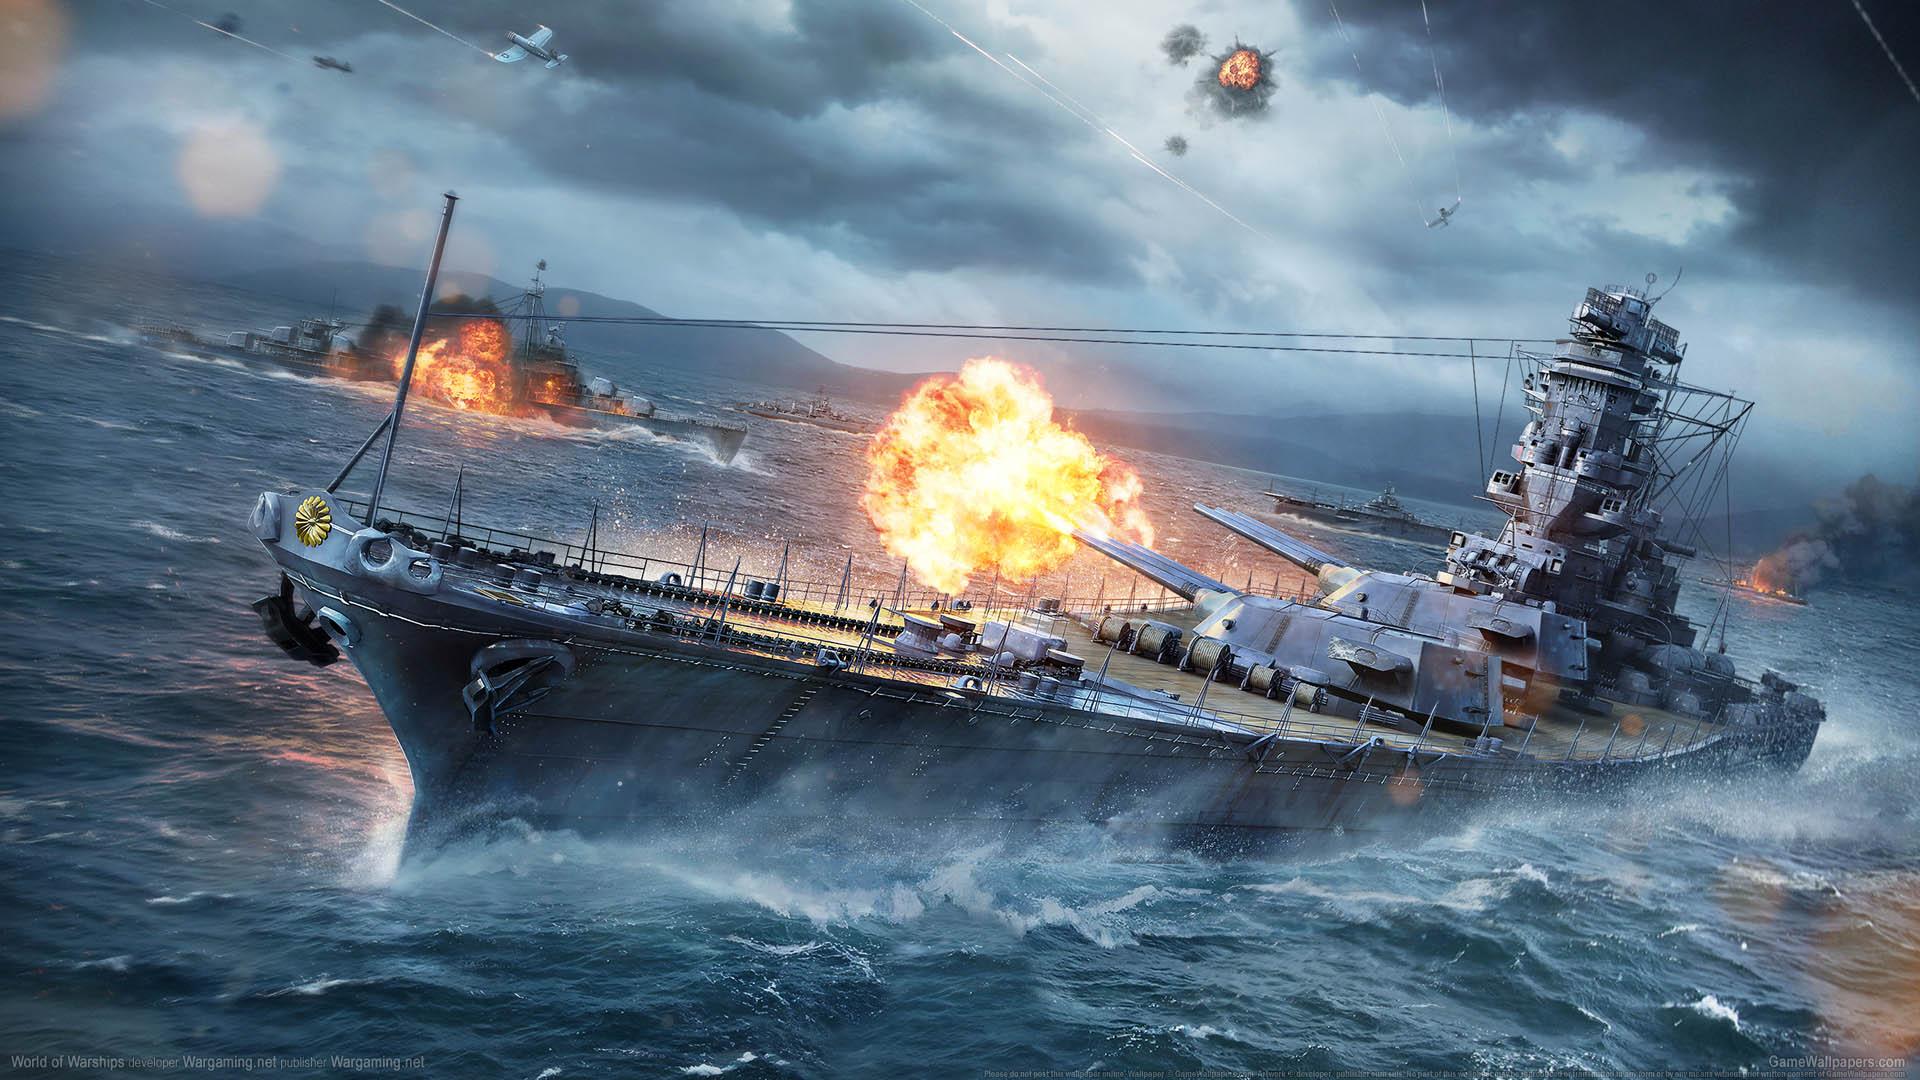 Обои для рабочего стола world of warships 1920x1080 скачать